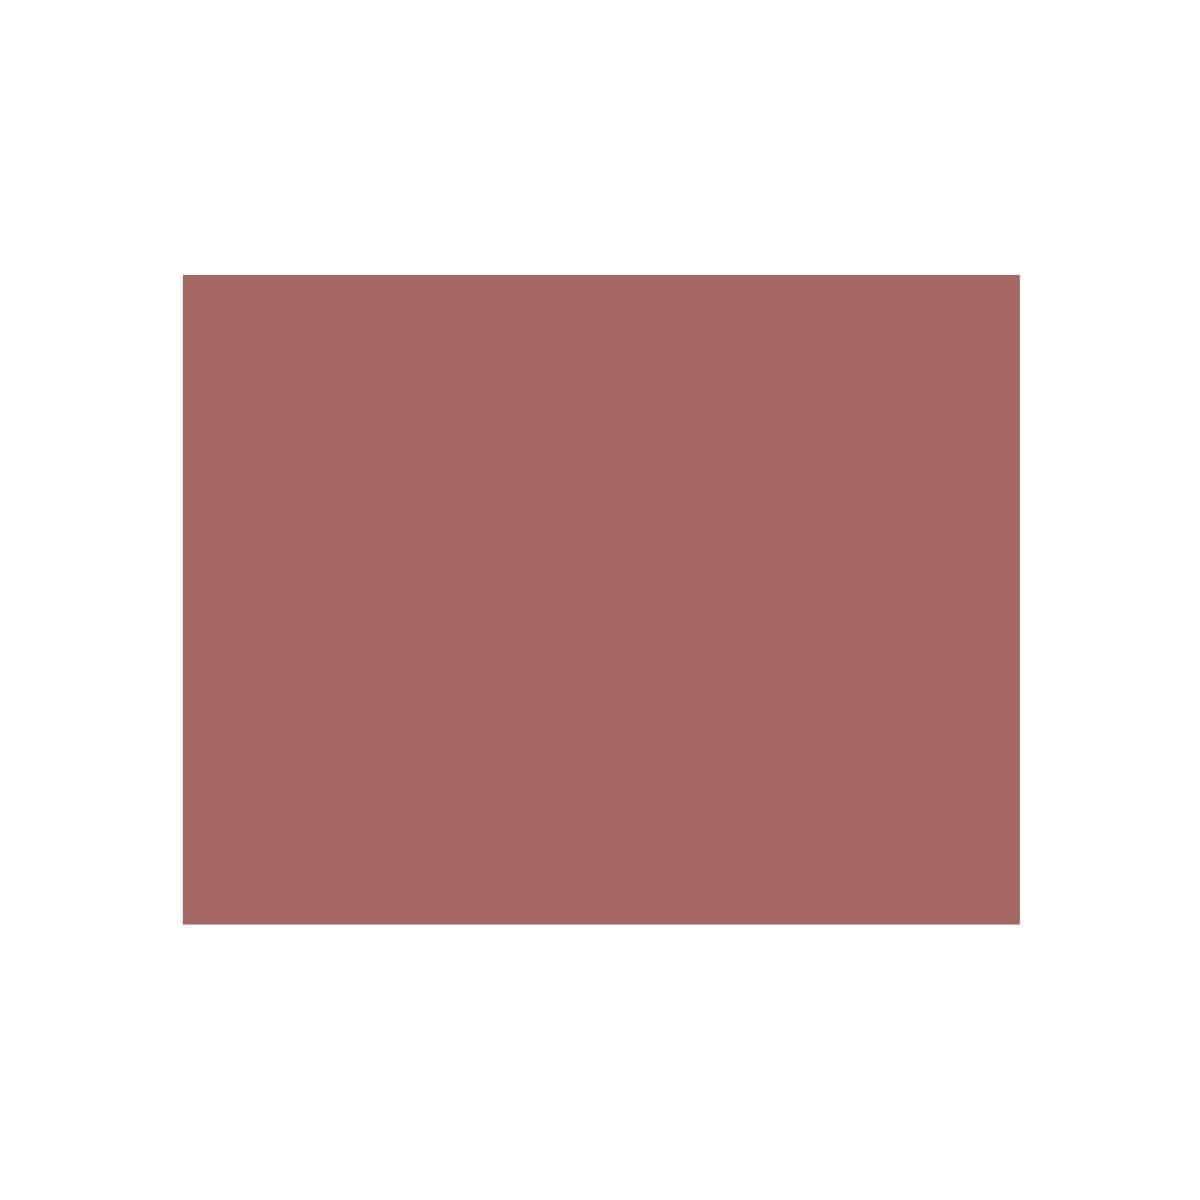 LIQUID LIPSTICK VELVET FLANNEL – 847